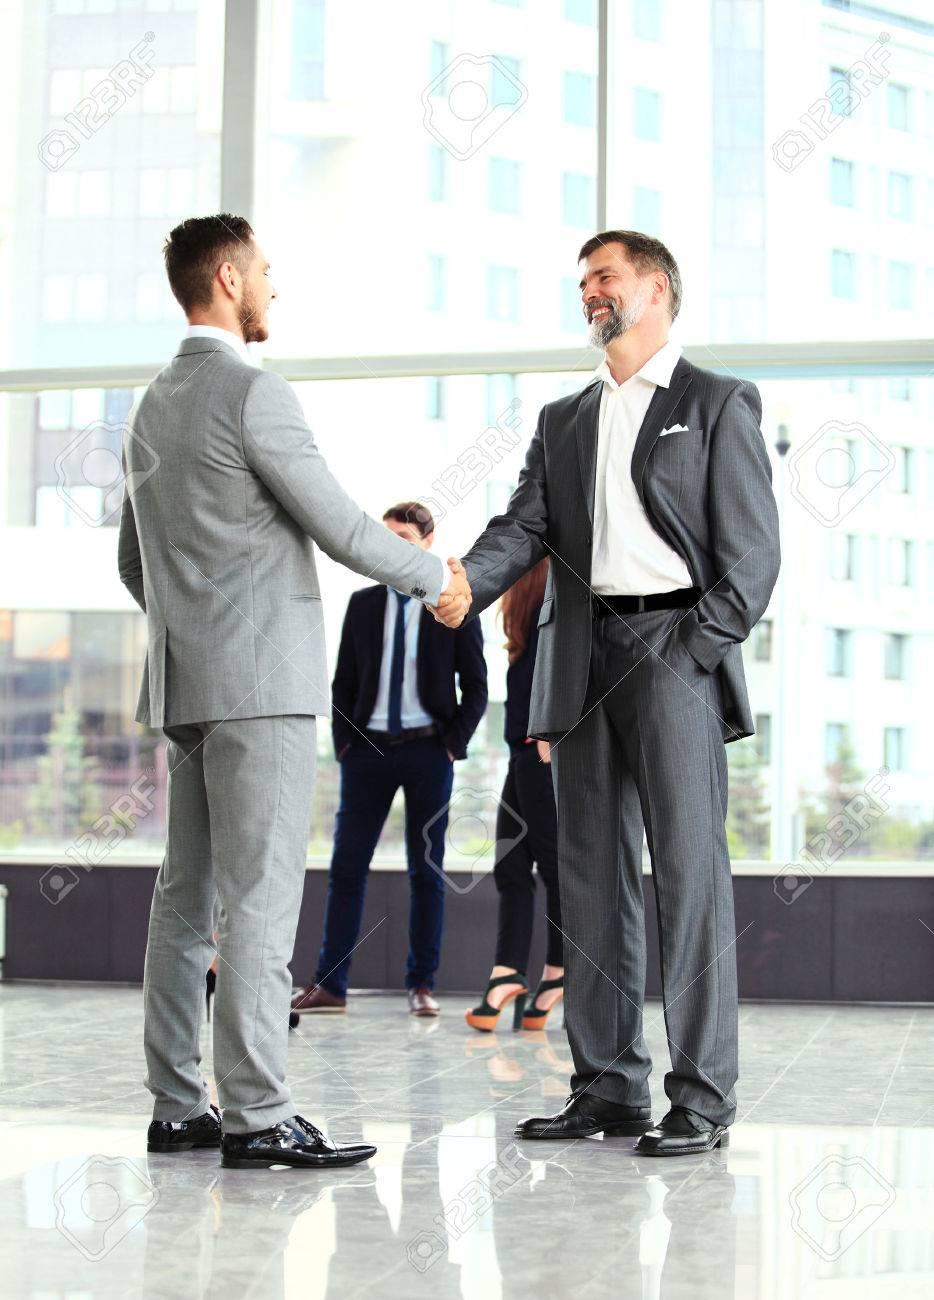 ビジネス握手。2 つのビジネスの男性事務所で商談成立の握手 の写真 ...